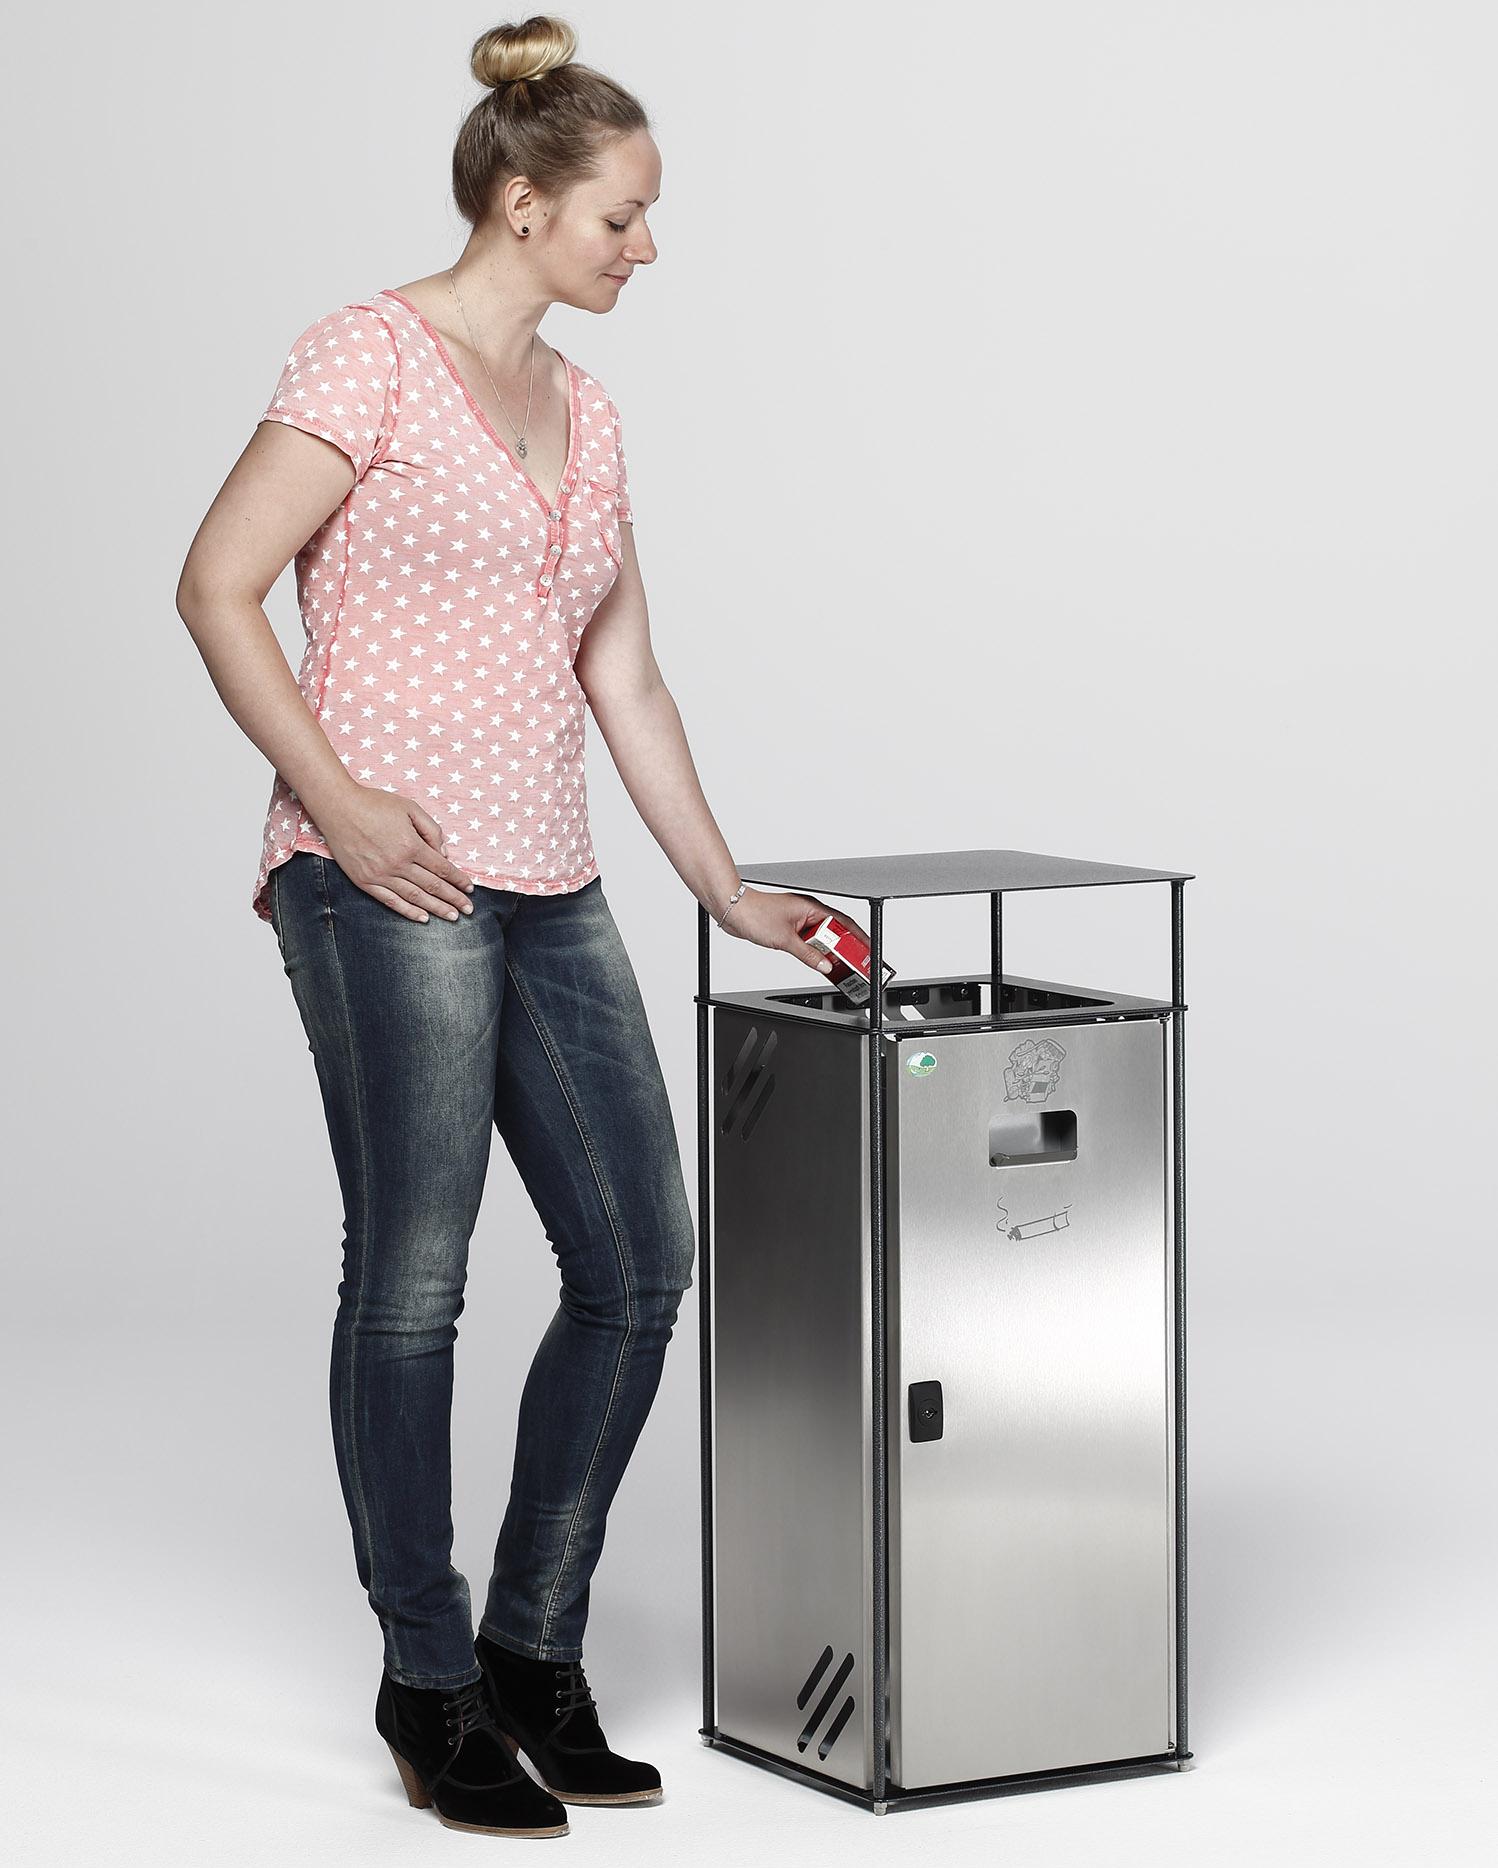 Abfallsammler 'B40' mit Ascher in Eisenglimmeroptik, mit Bsp. Müllentsorgung Einwurfrahmen